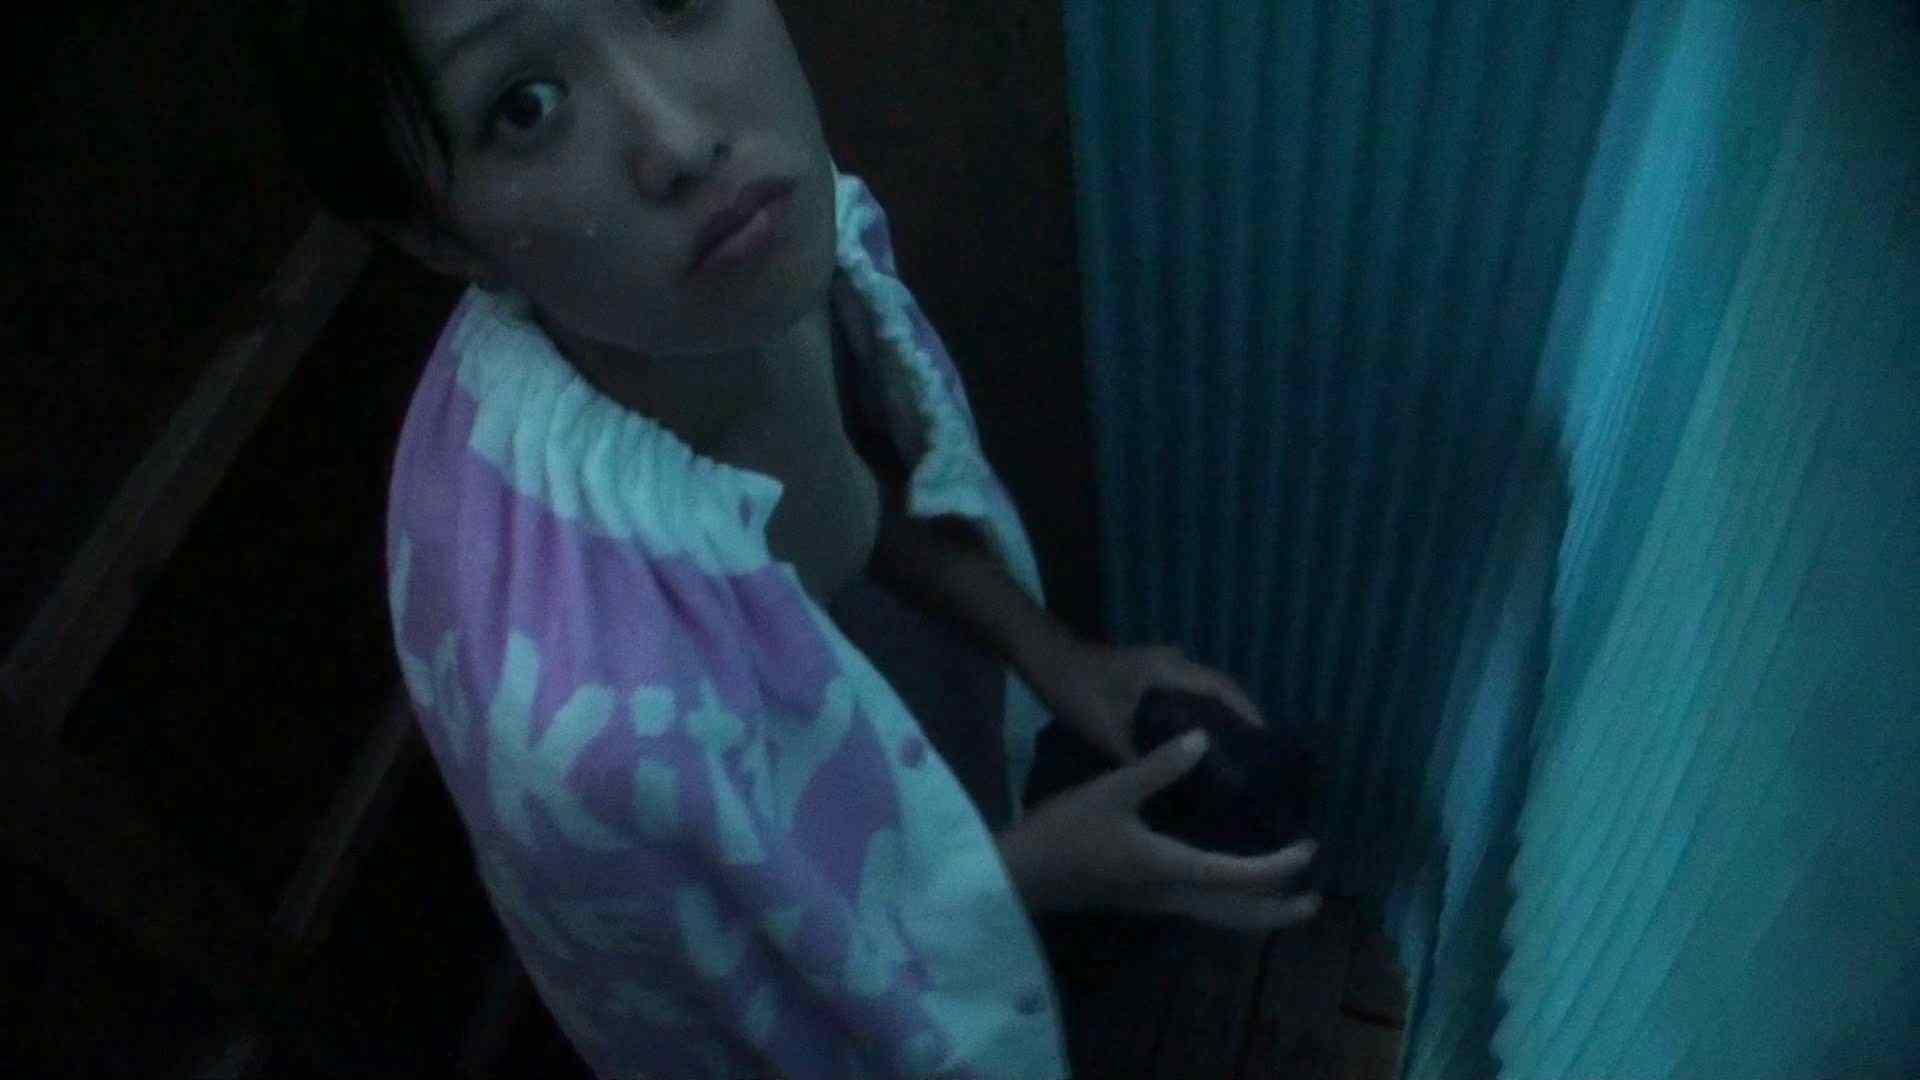 シャワールームは超!!危険な香りVol.26 大学生風美形ギャル 暗さが残念! シャワー | 高画質  106画像 57